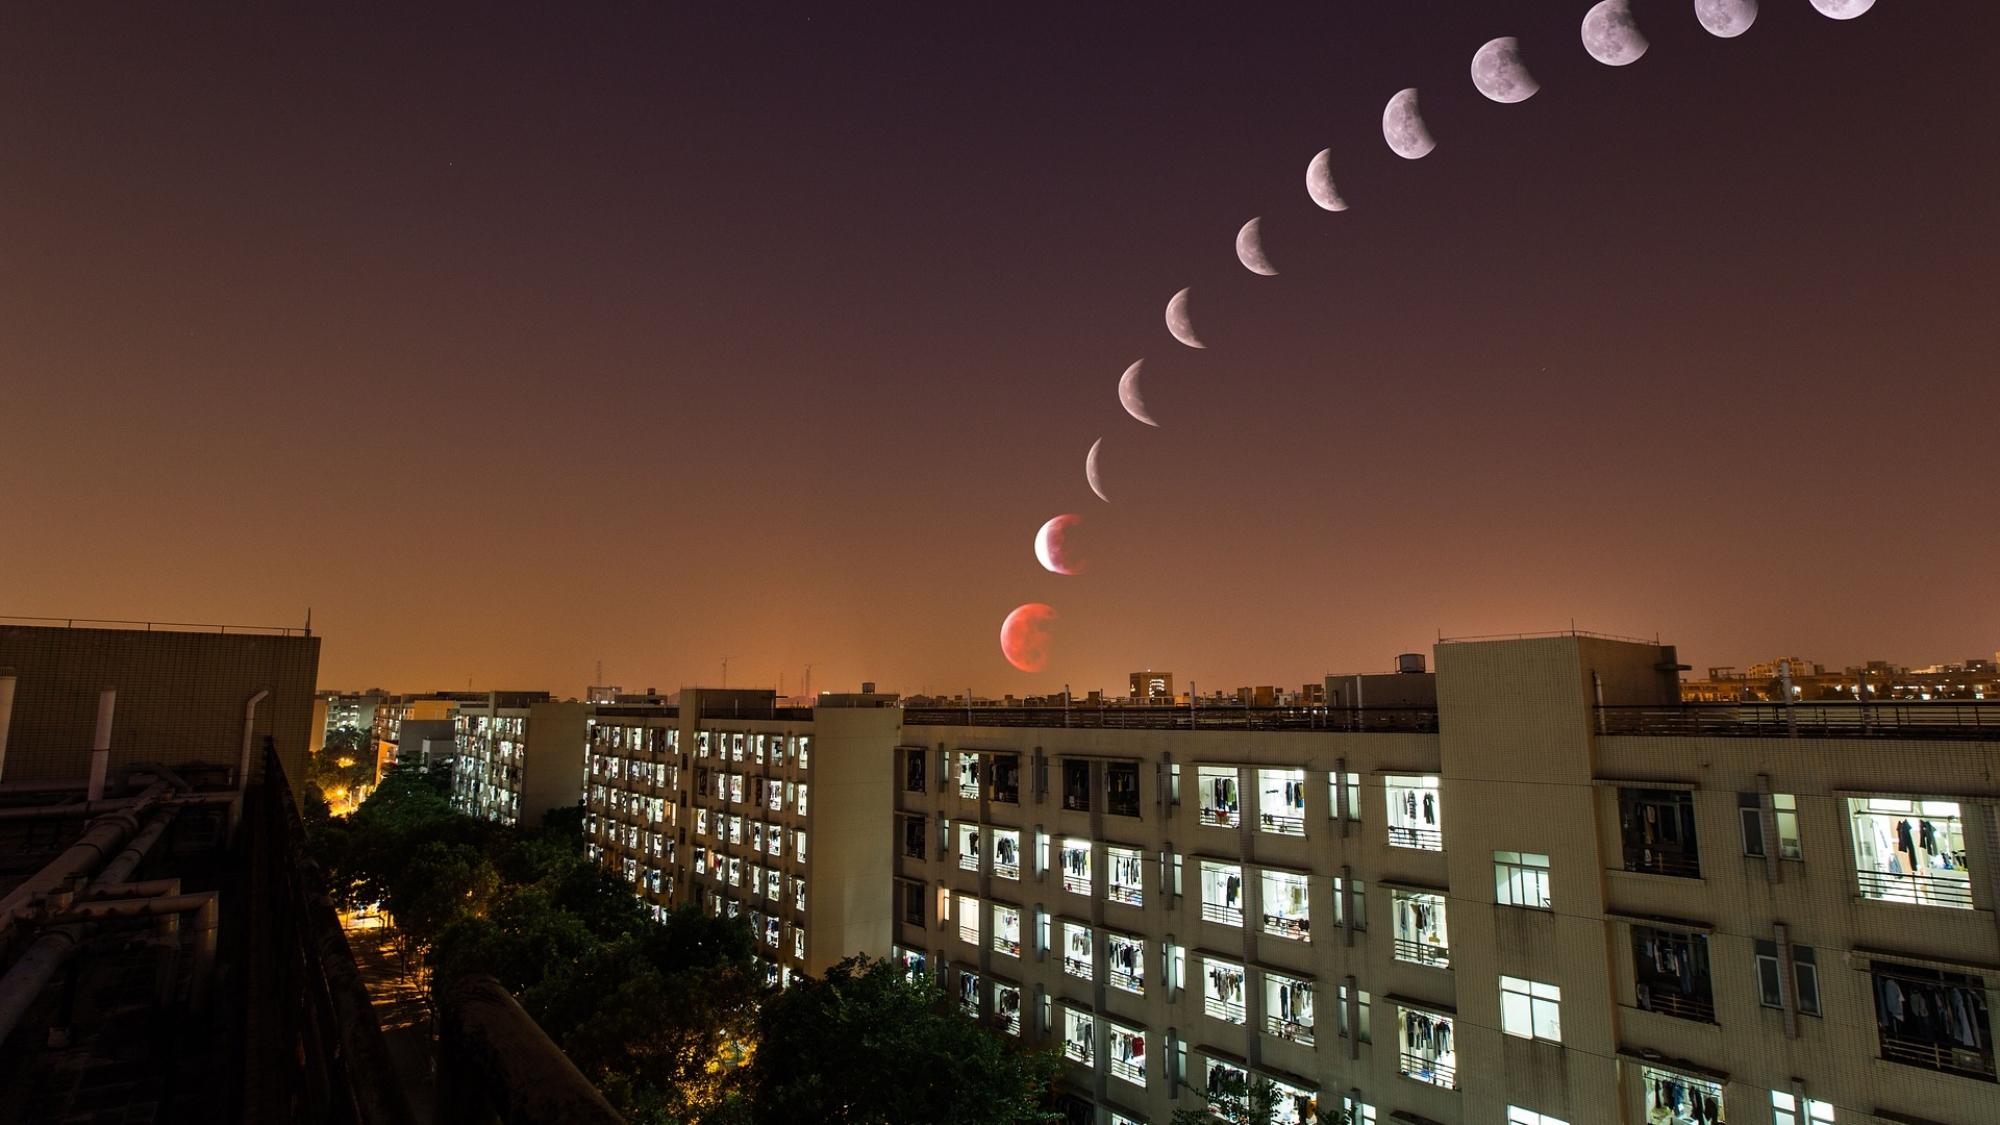 lunar-eclipse-2647295_1920